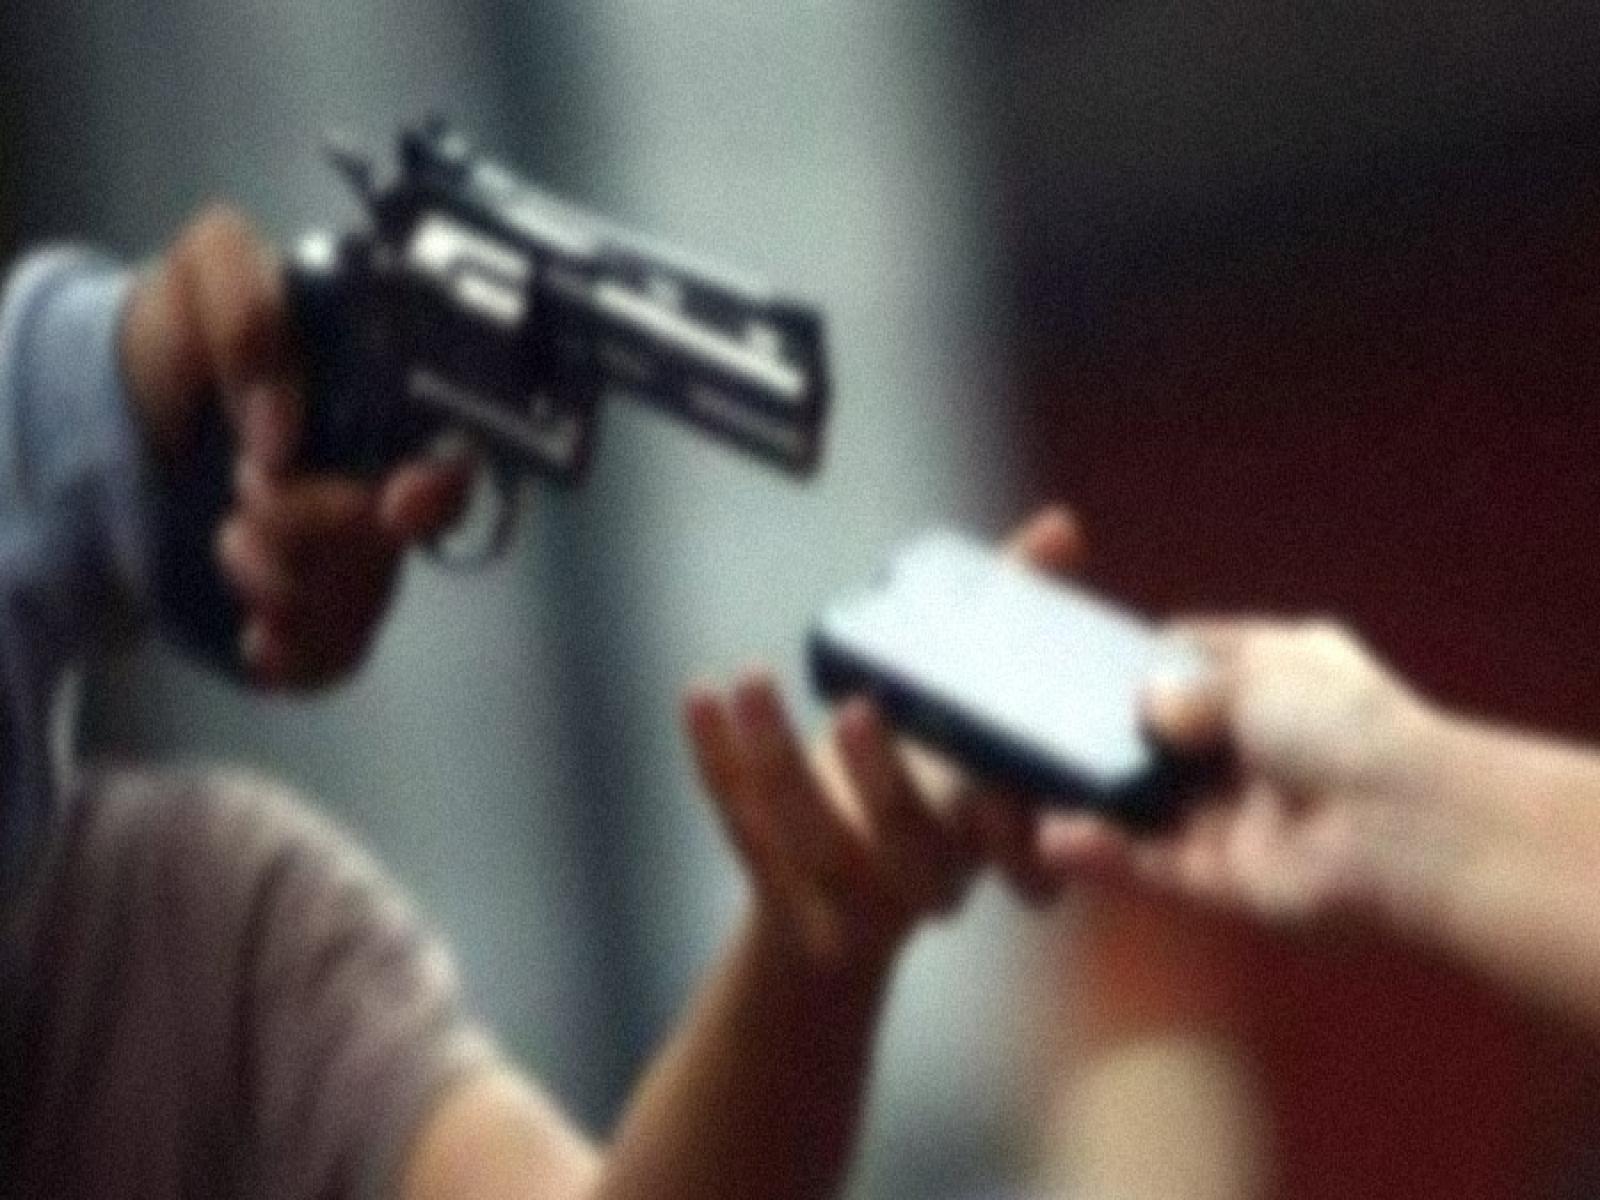 Assalto durante confraternização, bandidos levaram 4 celulares